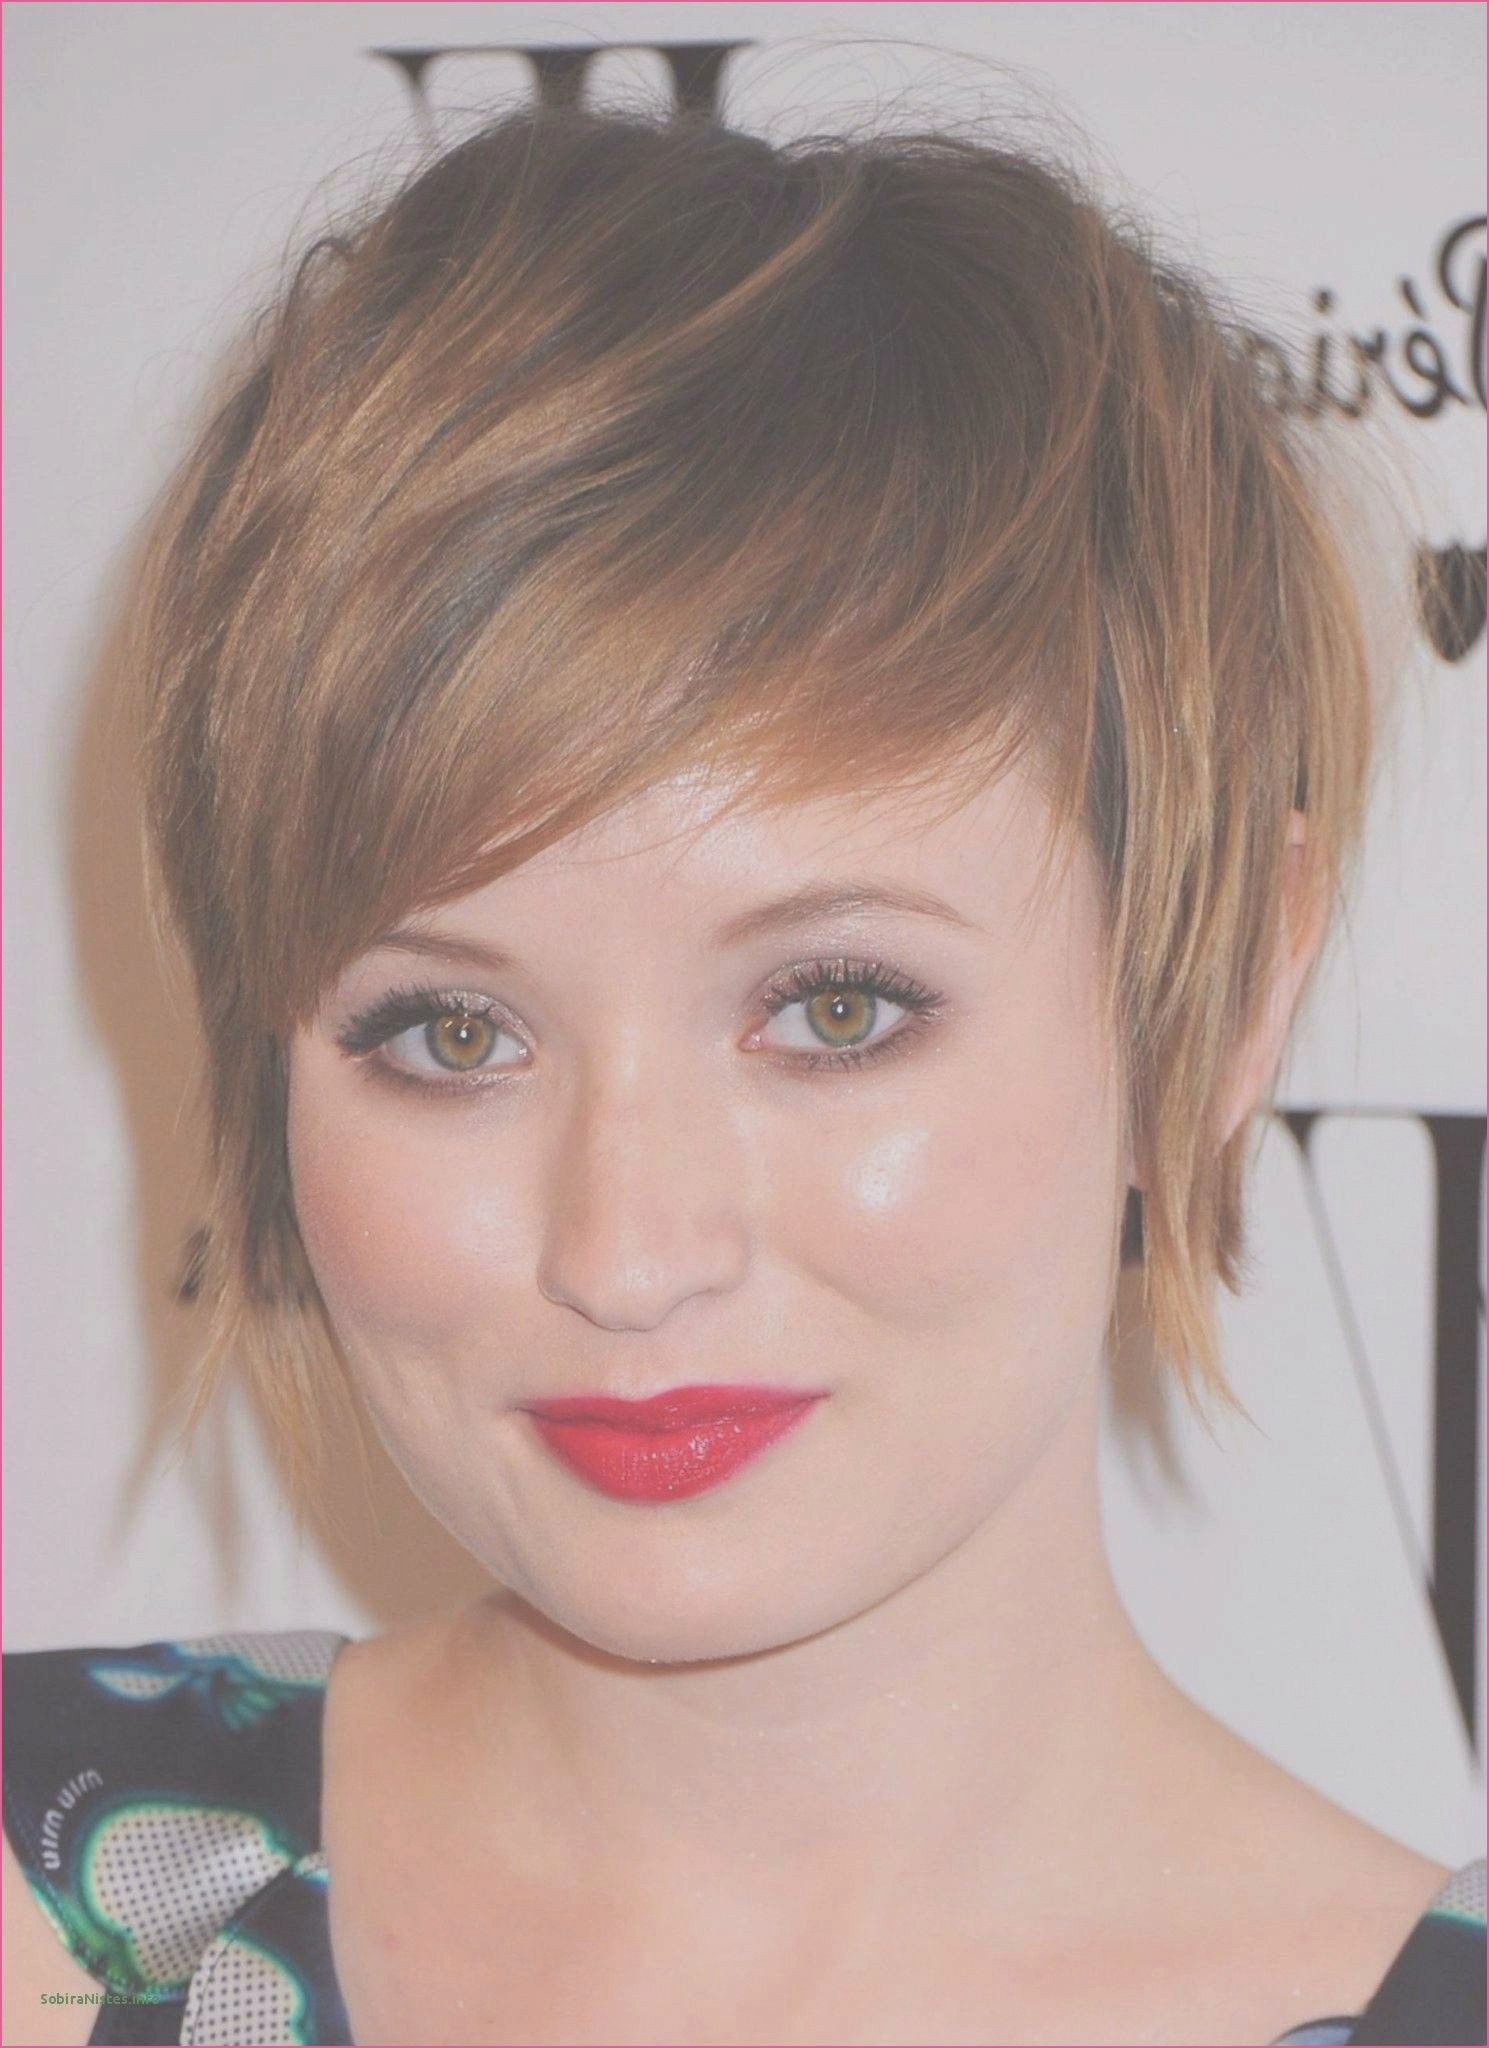 Frisur Frauen Rundes Gesicht Frisurentrends Haarschnitt Frisuren Frisuren Rundes Gesicht